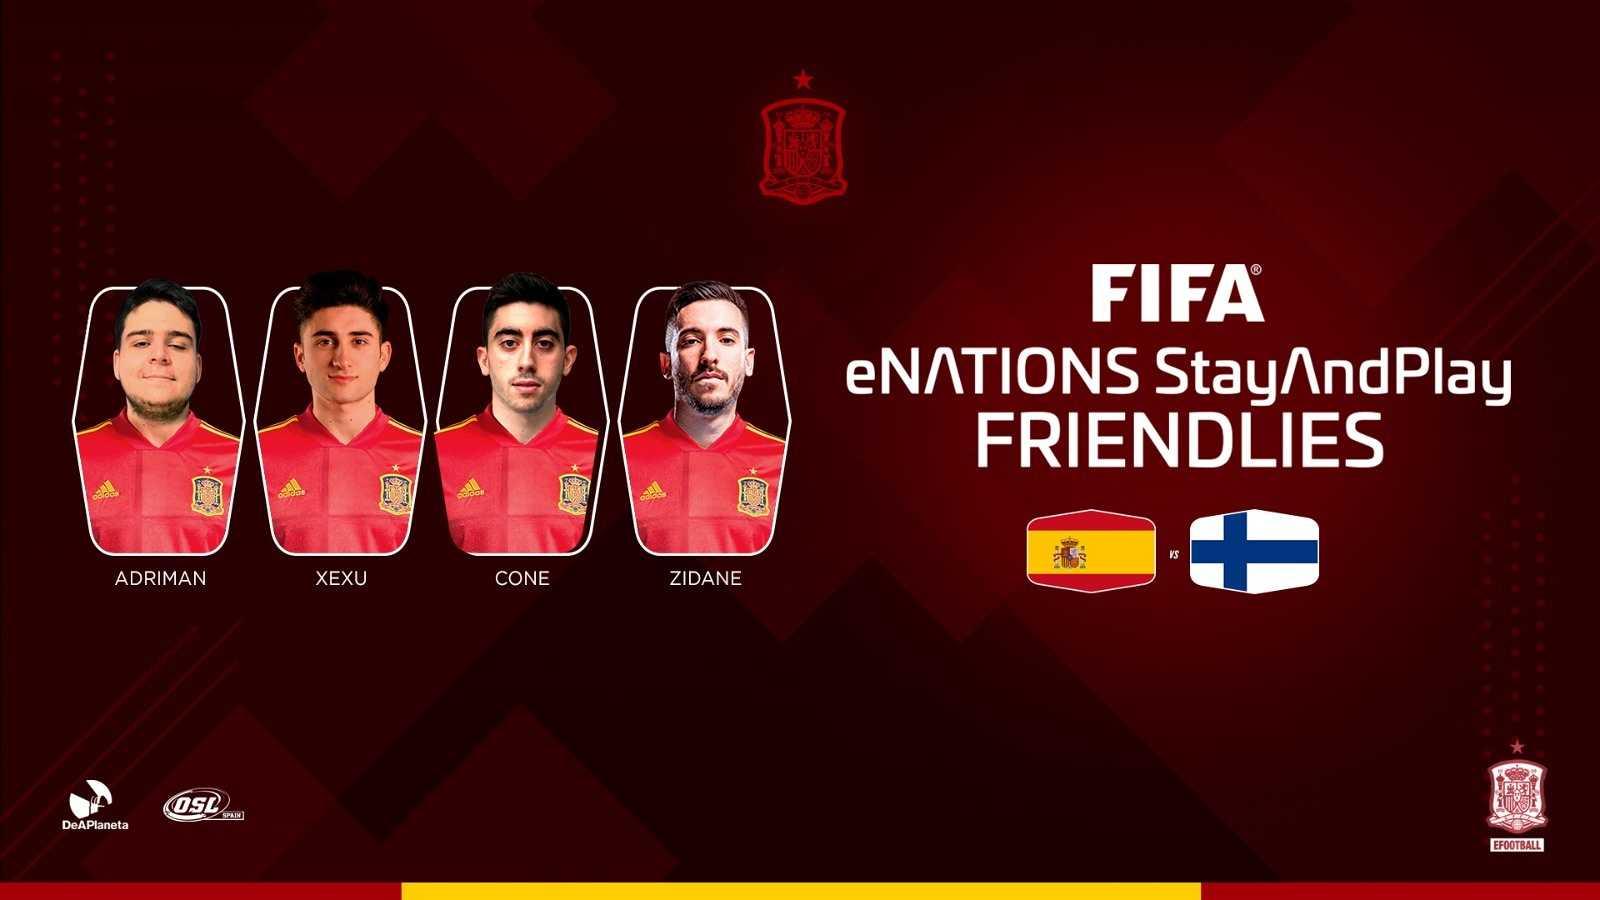 Los jugadores profesionales de FIFA, Adriman, Xexu, Cone y Zidane10, que representarán a España en el partido de 'efootball' contra Finlandia